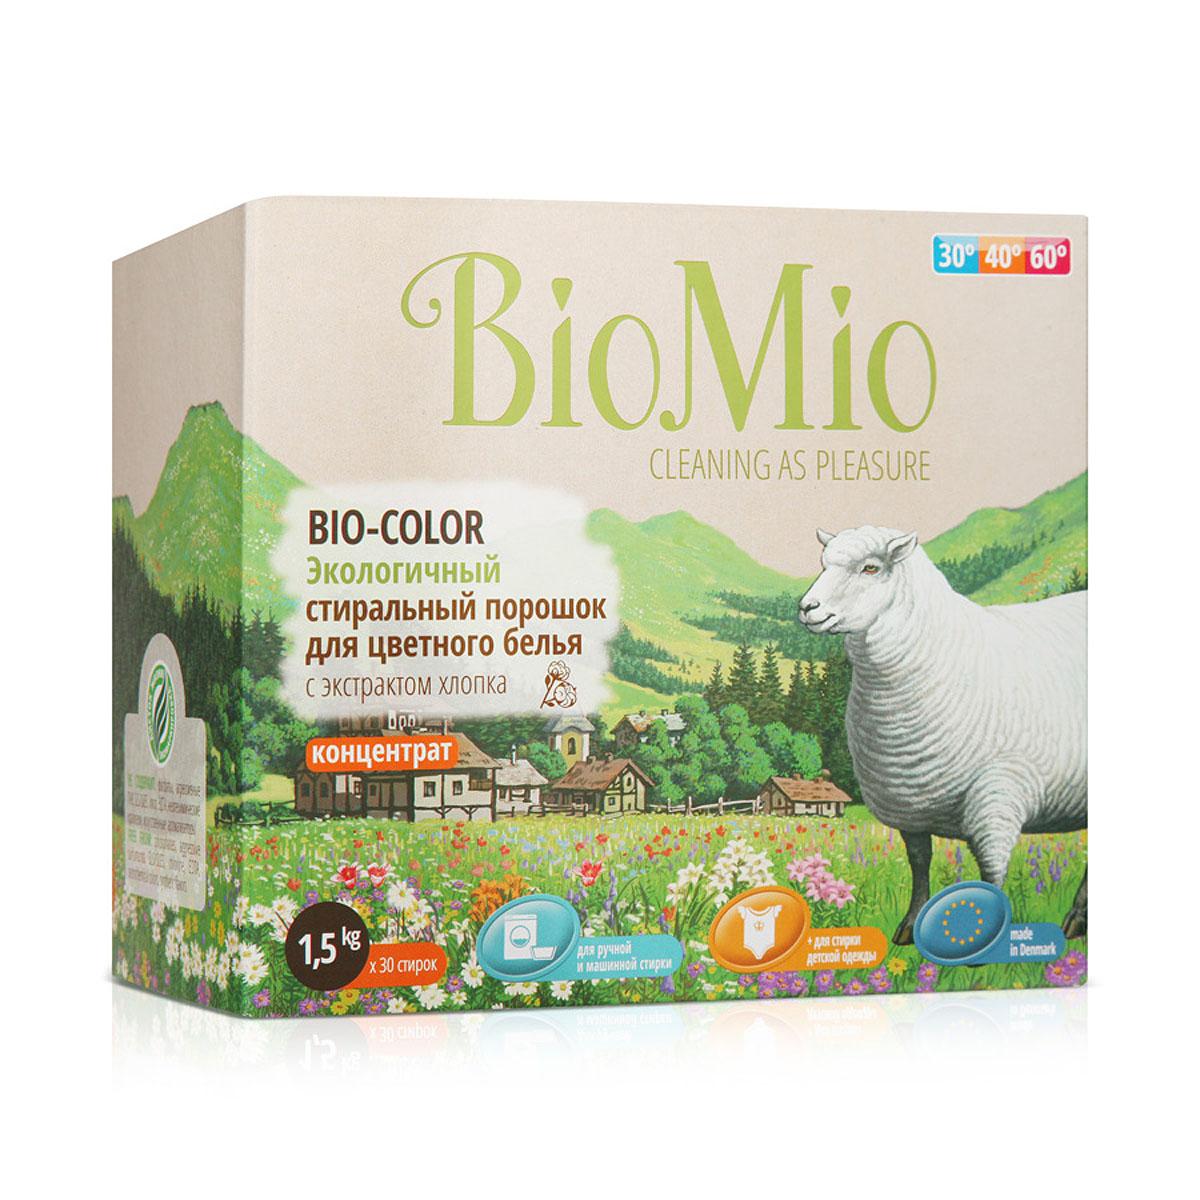 Стиральный порошок BioMio, для цветного белья, с экстрактом хлопка, 1,5 кгПЦ-415Экологичный стиральный порошок BioMio эффективно удаляет пятна и загрязнения, сохраняя структуру ткани и первозданный цвет. Подходит для ручной и машинной стирки. Концентрированная формула обеспечивает экономичный расход. Идеально подходит для стирки детского белья и одежды людей с чувствительной кожей. Полностью выполаскивается, исключает попадание на кожу моющих средств, способных вызыватьраздражение чувствительной кожи. Средство без запаха не содержит эфирных масел, что делает его абсолютно безопасным для детской одежды. Безопасен для планеты.Не содержит: фосфаты, агрессивные ПАВ, SLS/SLES, хлор, EDTA, нефтехимические красители, искусственные ароматизаторы. BioMio - линейка эффективных средств для дома, использование которых приносит только удовольствие. Уборка помогает не только очистить и гармонизировать свое пространство, но и себя, свои мысли, поэтому важно ее делать с радостью.Средства, созданные с любовью и заботой, помогут в этом и идеально справятся с загрязнениями, оставаясь при этом абсолютно безопасными и экологичными.Средства BioMio незаменимы, если в доме есть ребенок. Состав: 5-15% цеолиты, неионогенные ПАВ;Вес: 1,5 кг. Товар сертифицирован.